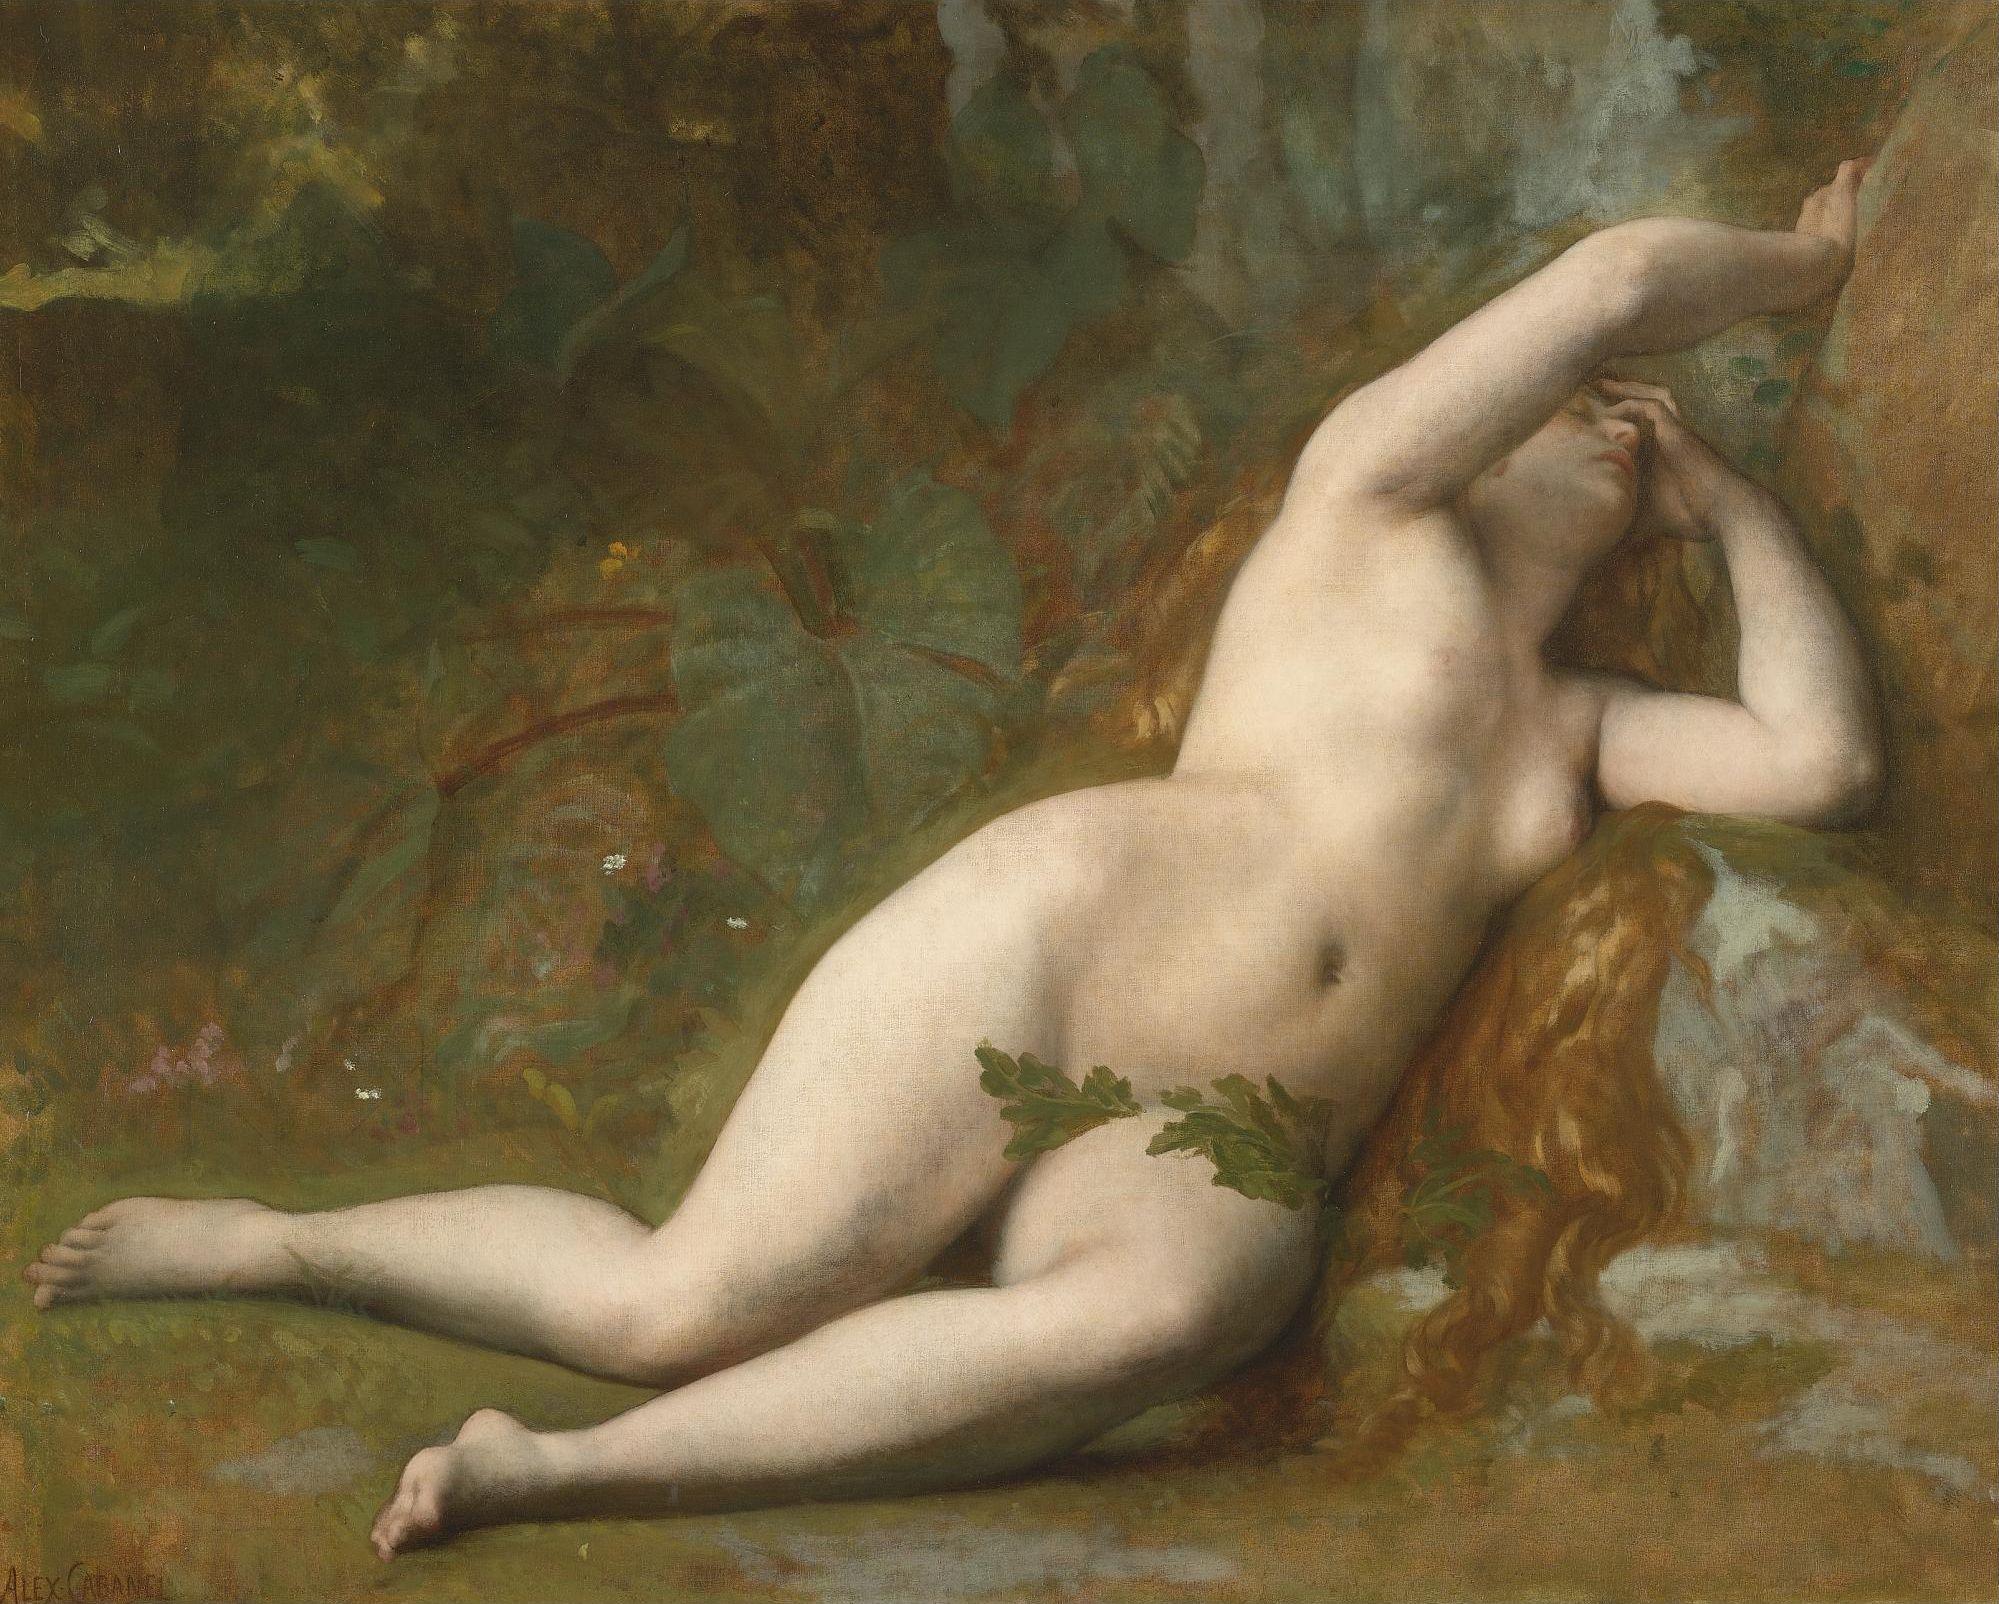 Alexandre Cabanel, 1824-1889. Ева после падения. 75.5 х 96 см. Частная коллекция.